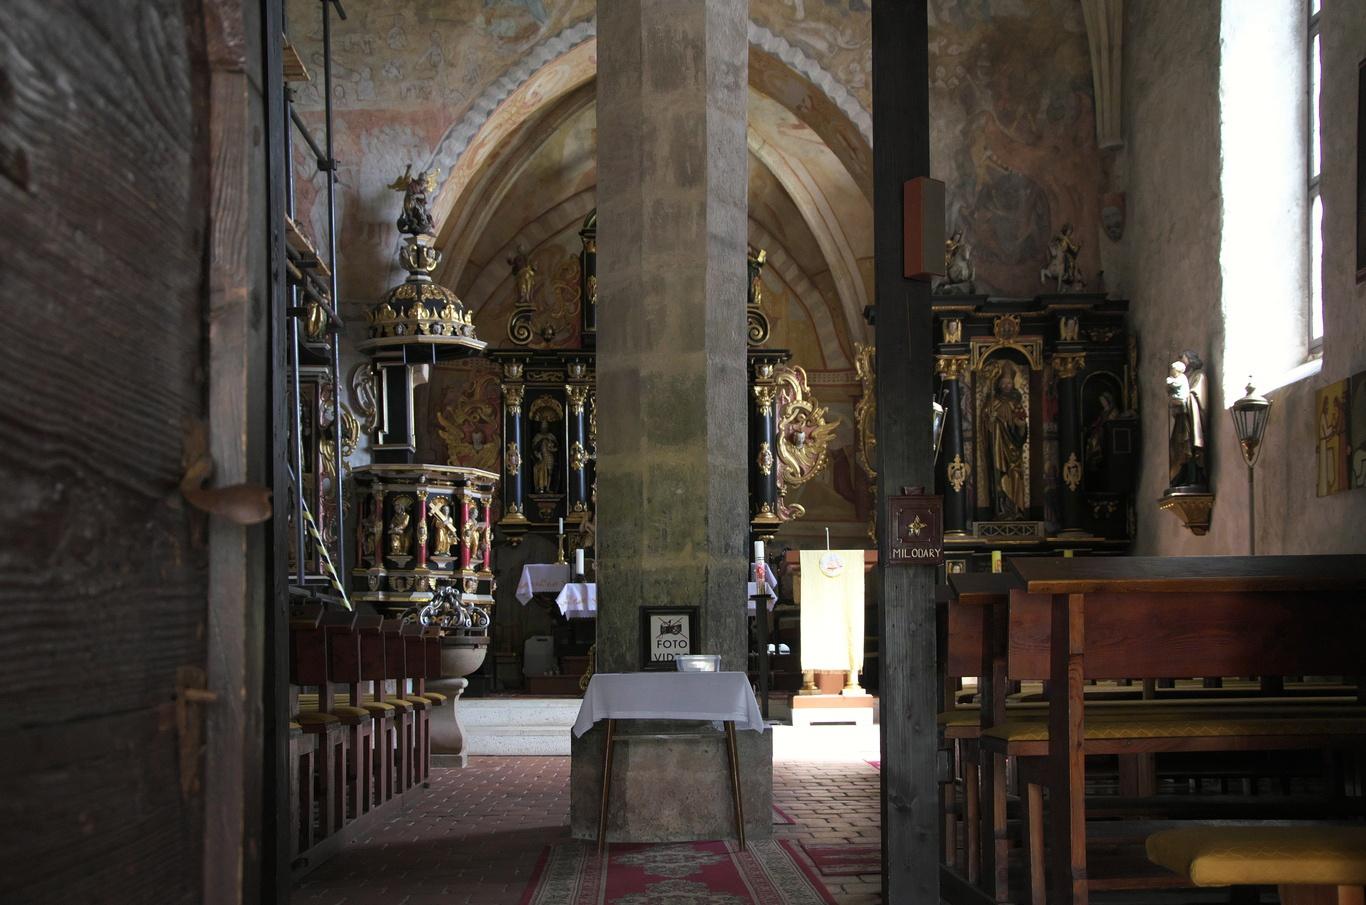 Žehra, interiér kostelu sv. Ducha zpoza mříže